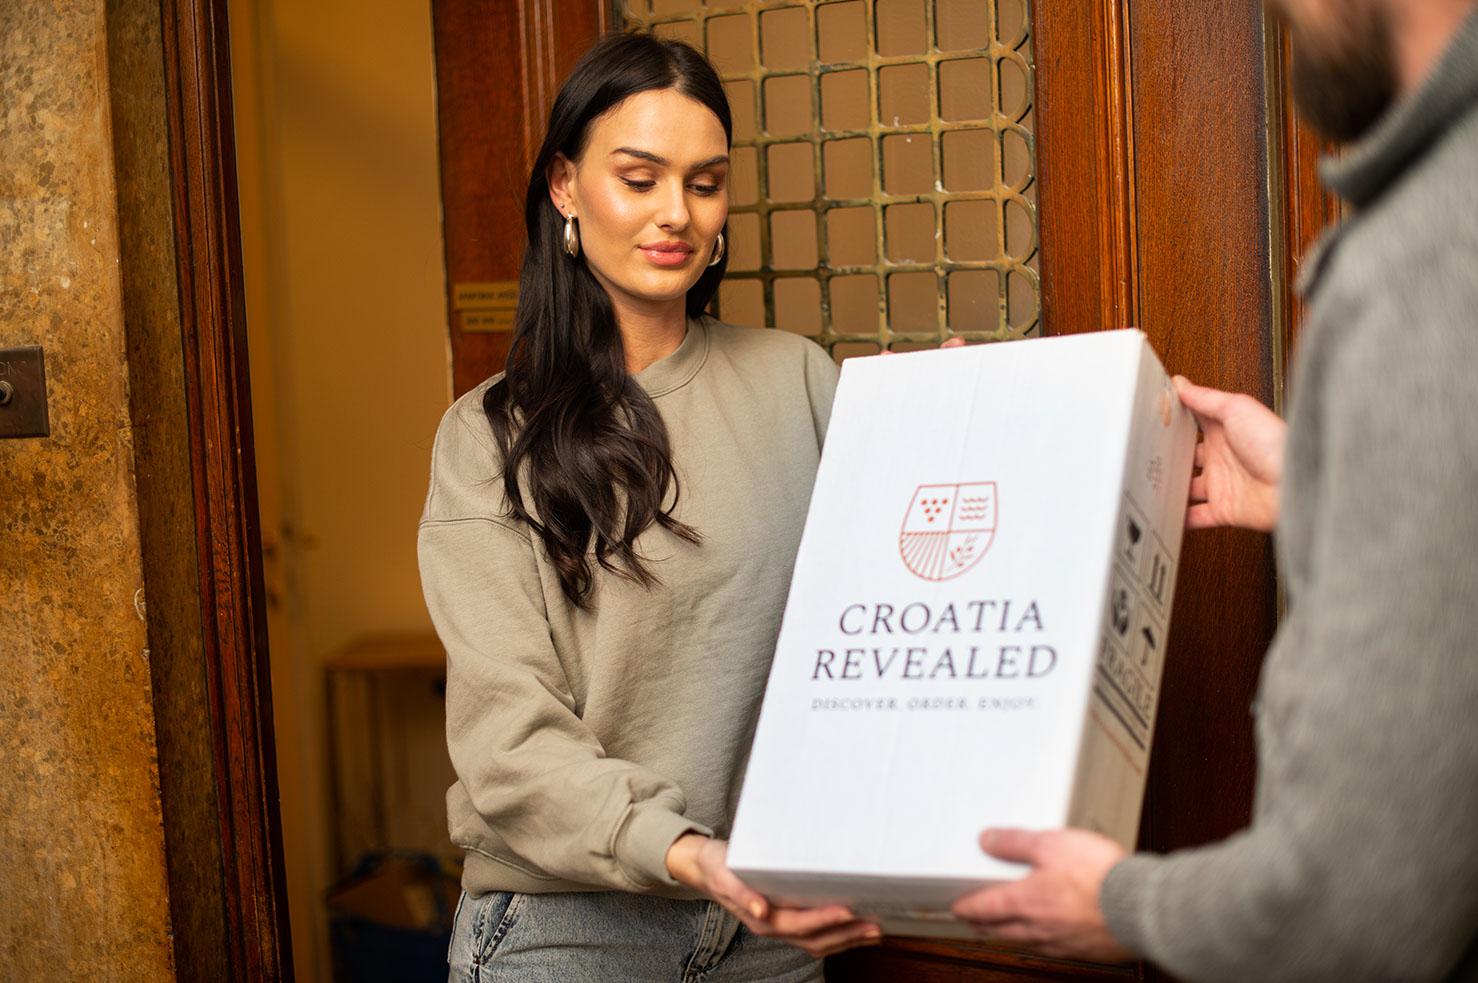 Croatia Revealed: New online project offering best of Croatian wine